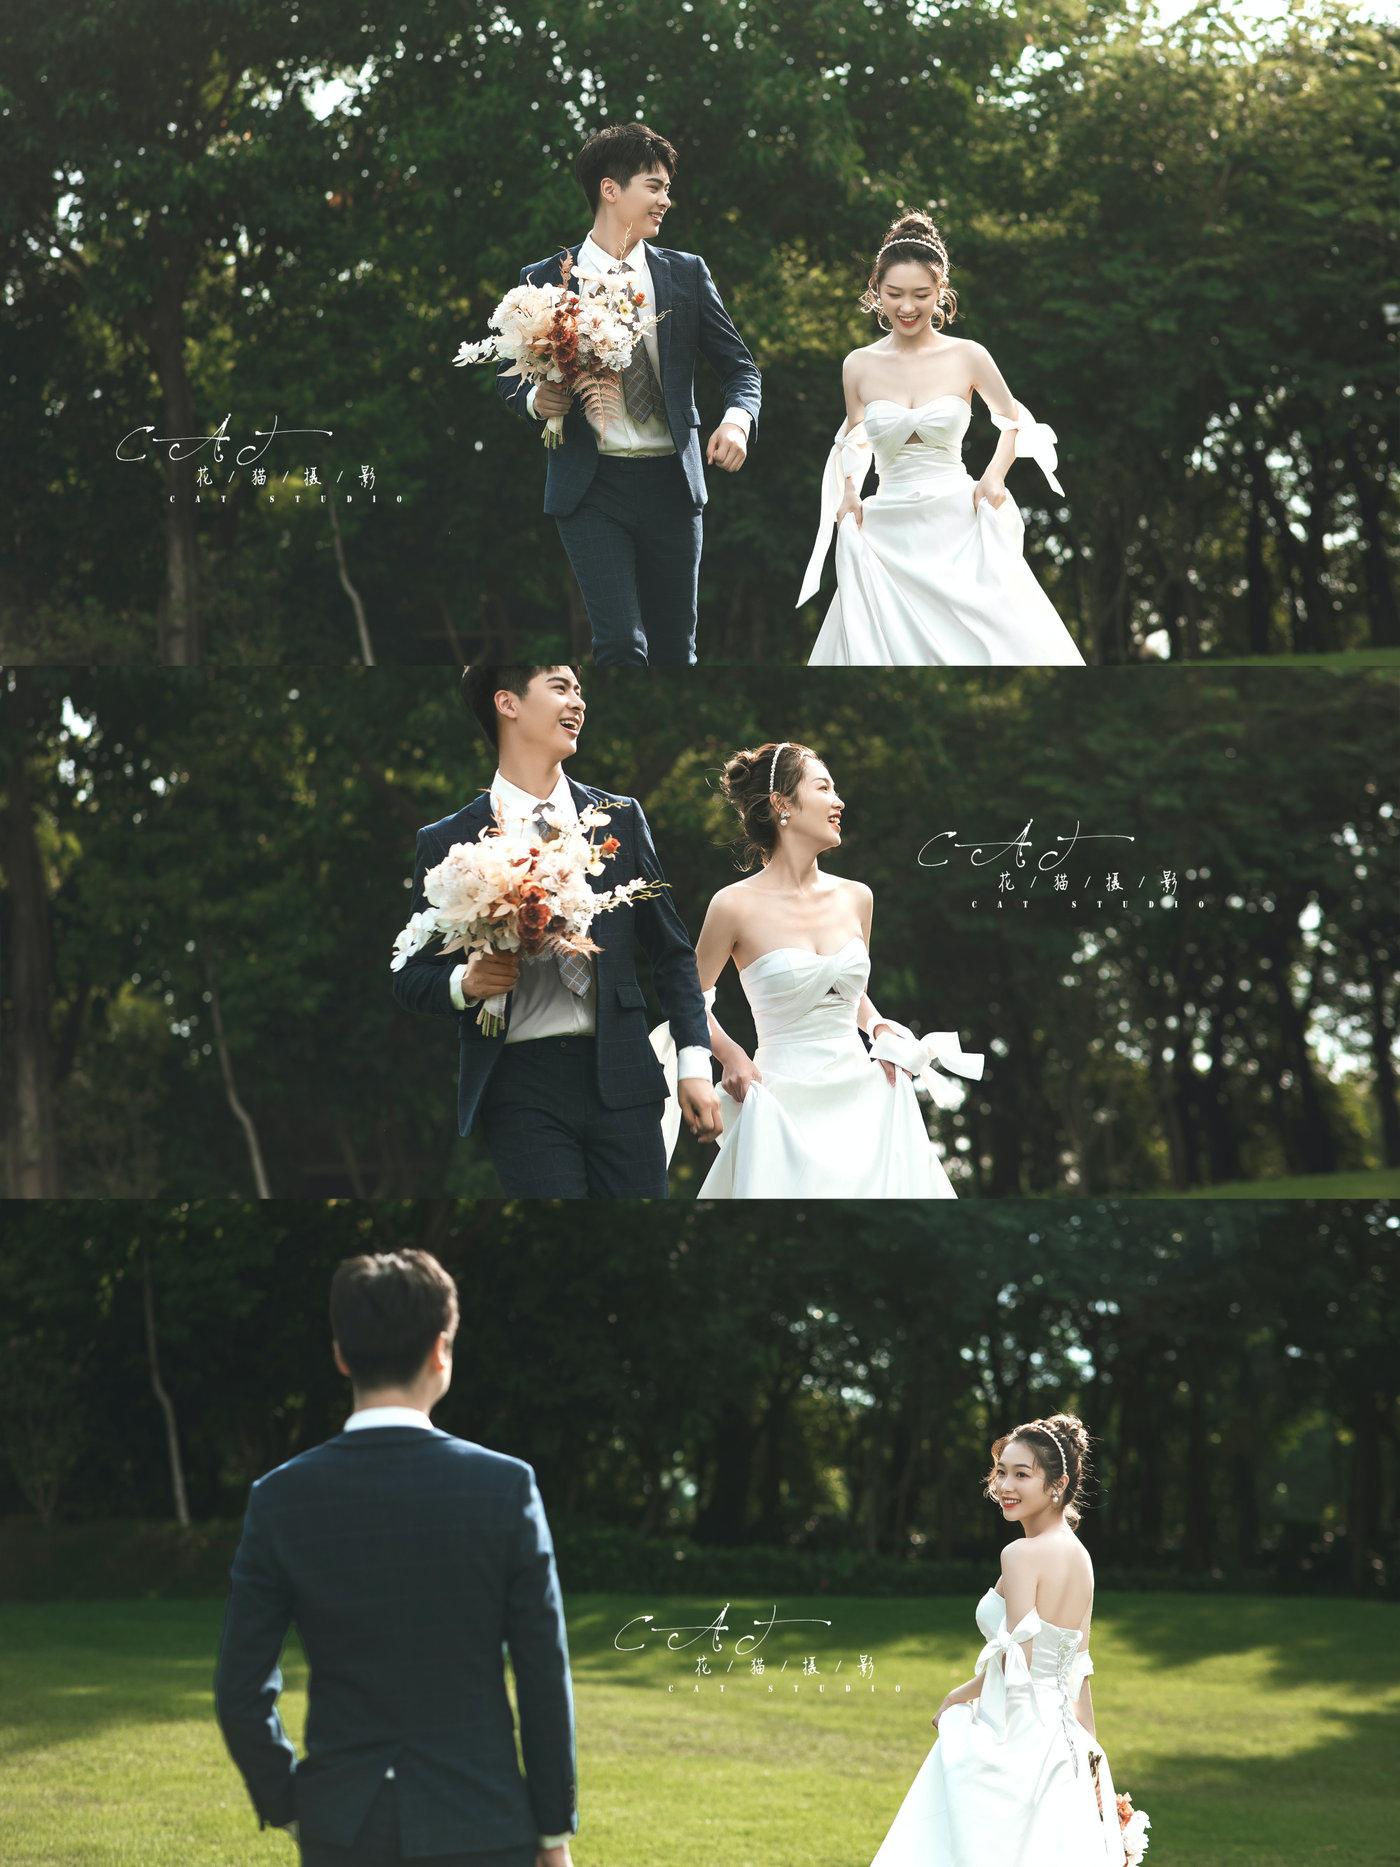 中山迪茵湖婚纱照0